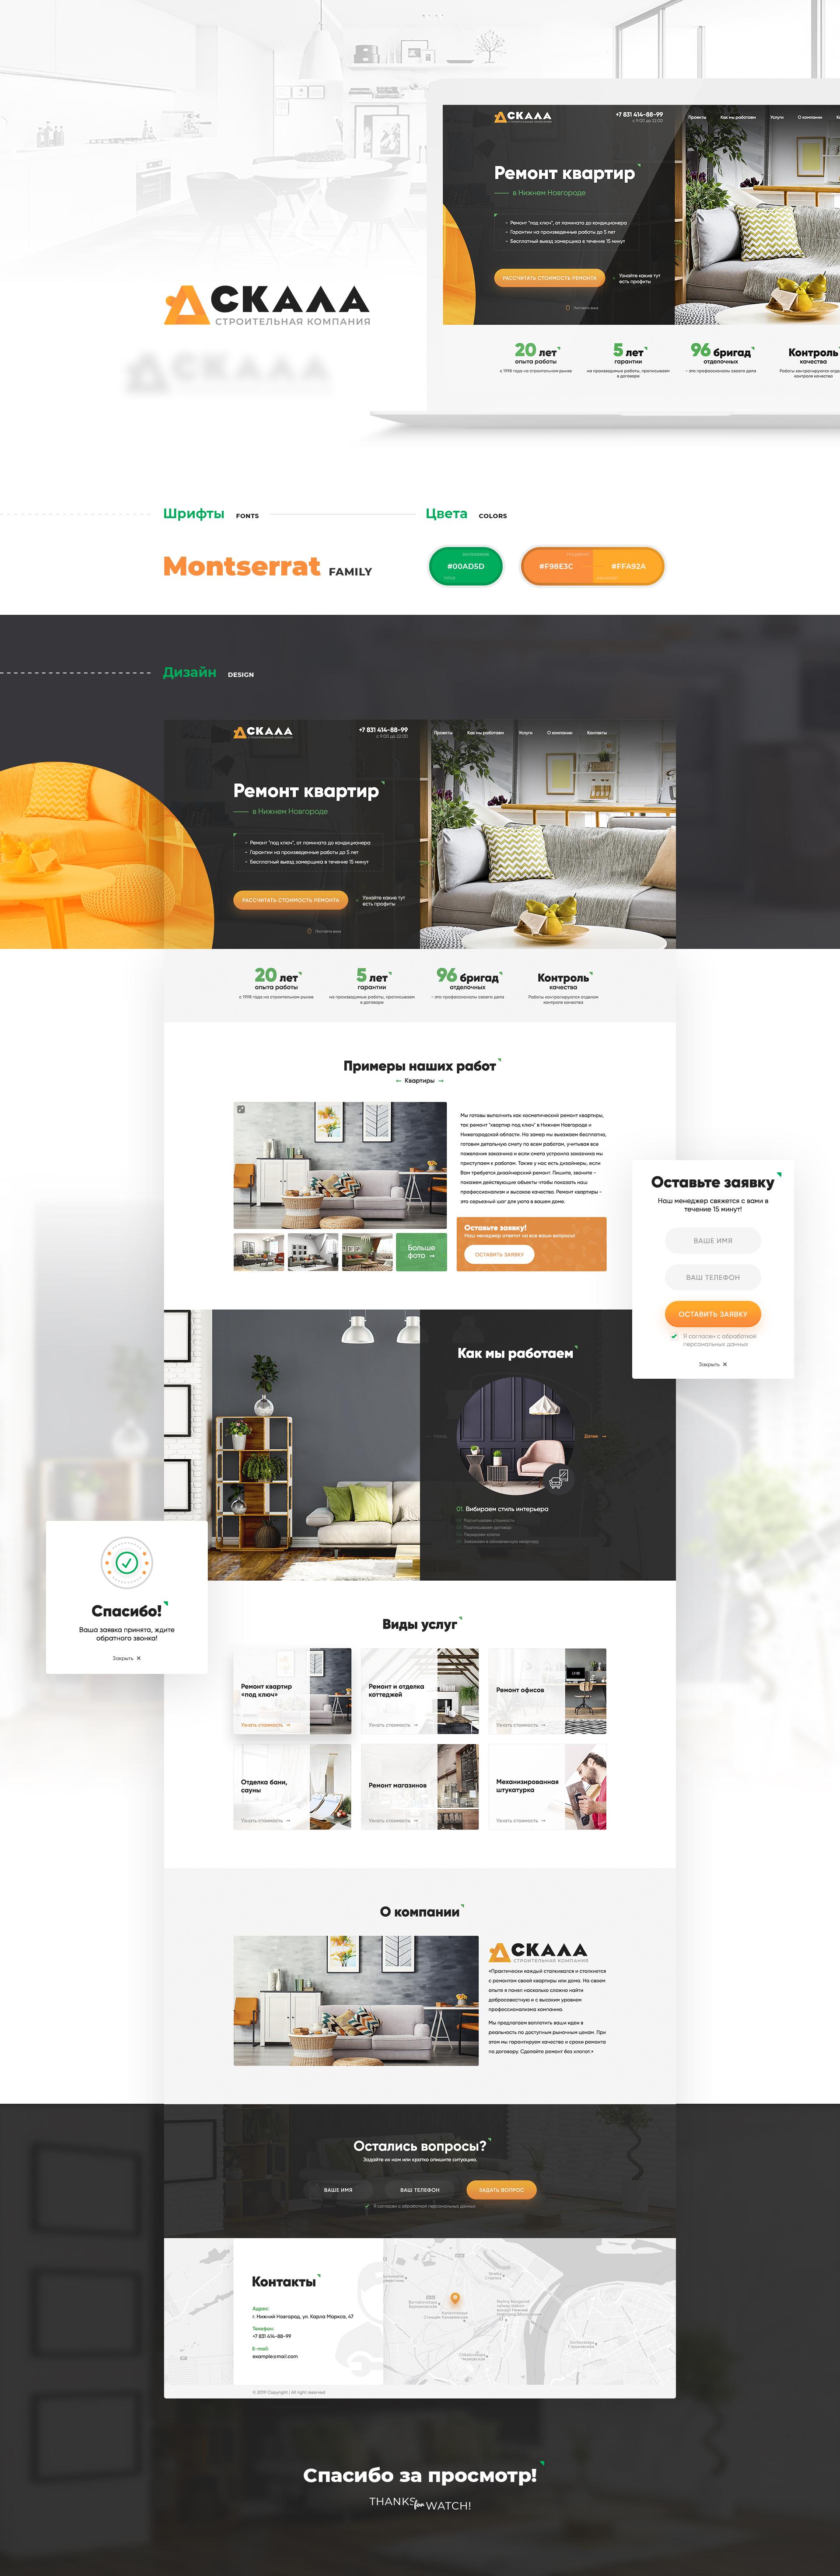 Скала, сайт строительной компании